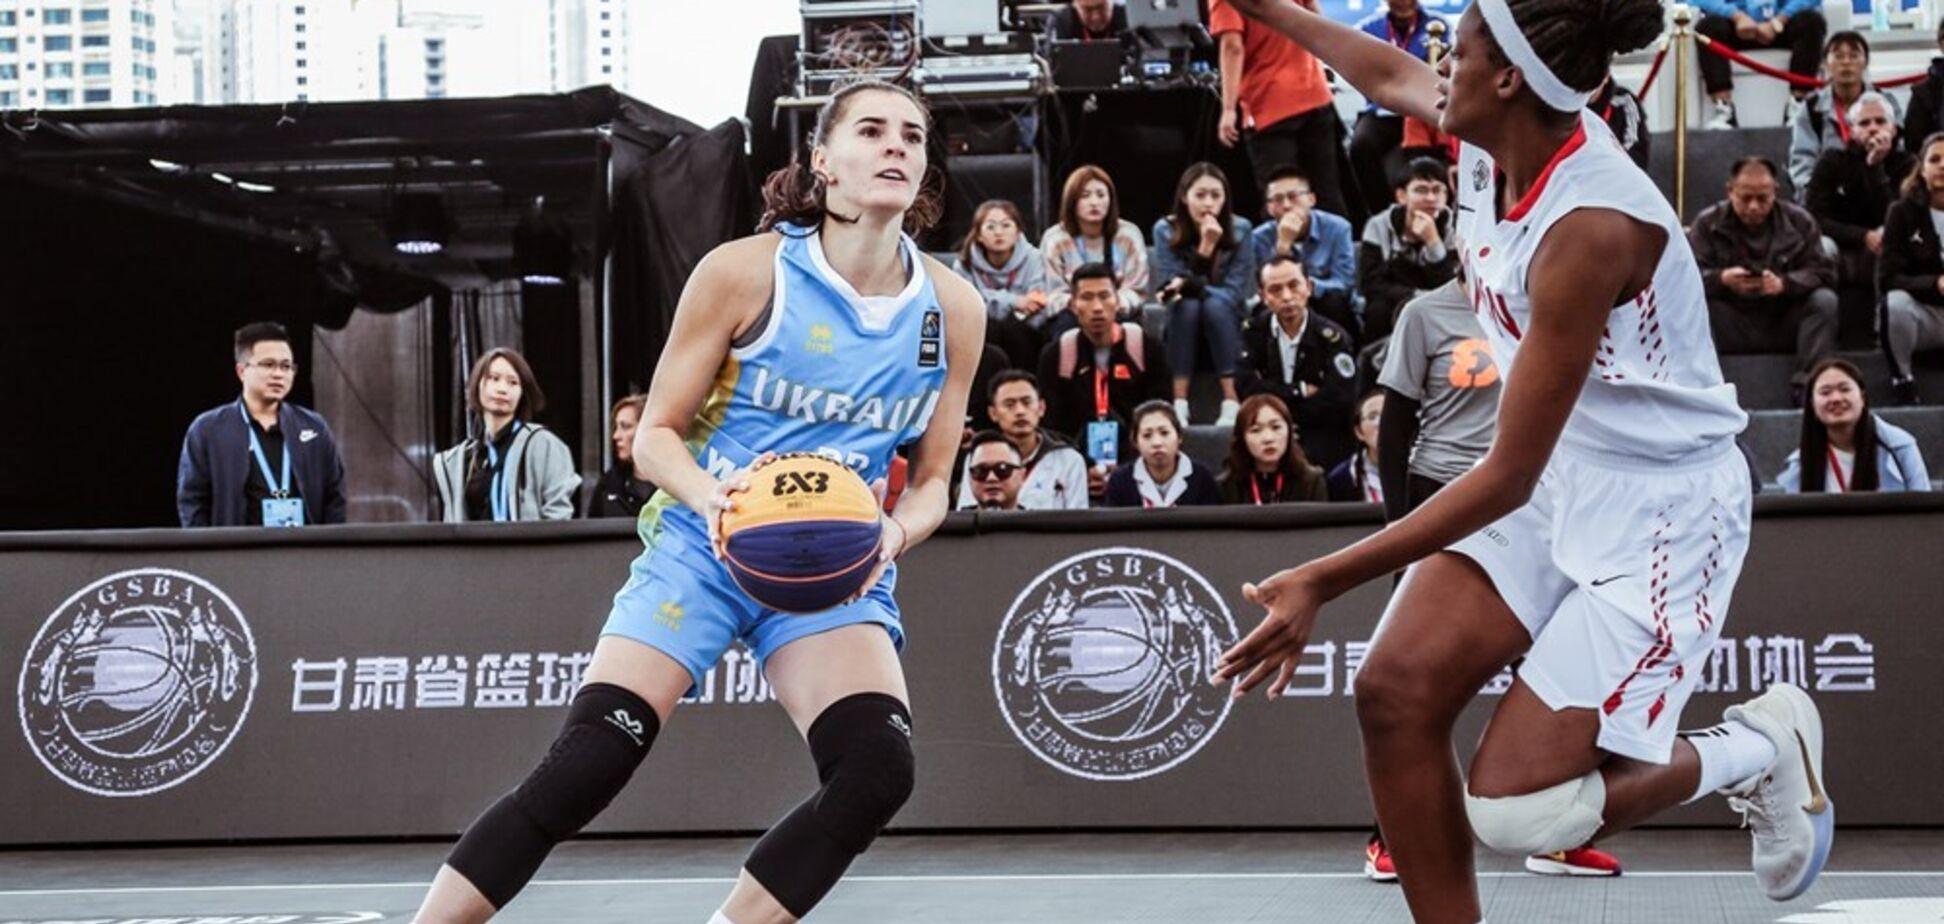 Українки здобули рекордну перемогу на ЧС U-23 з баскетболу 3х3